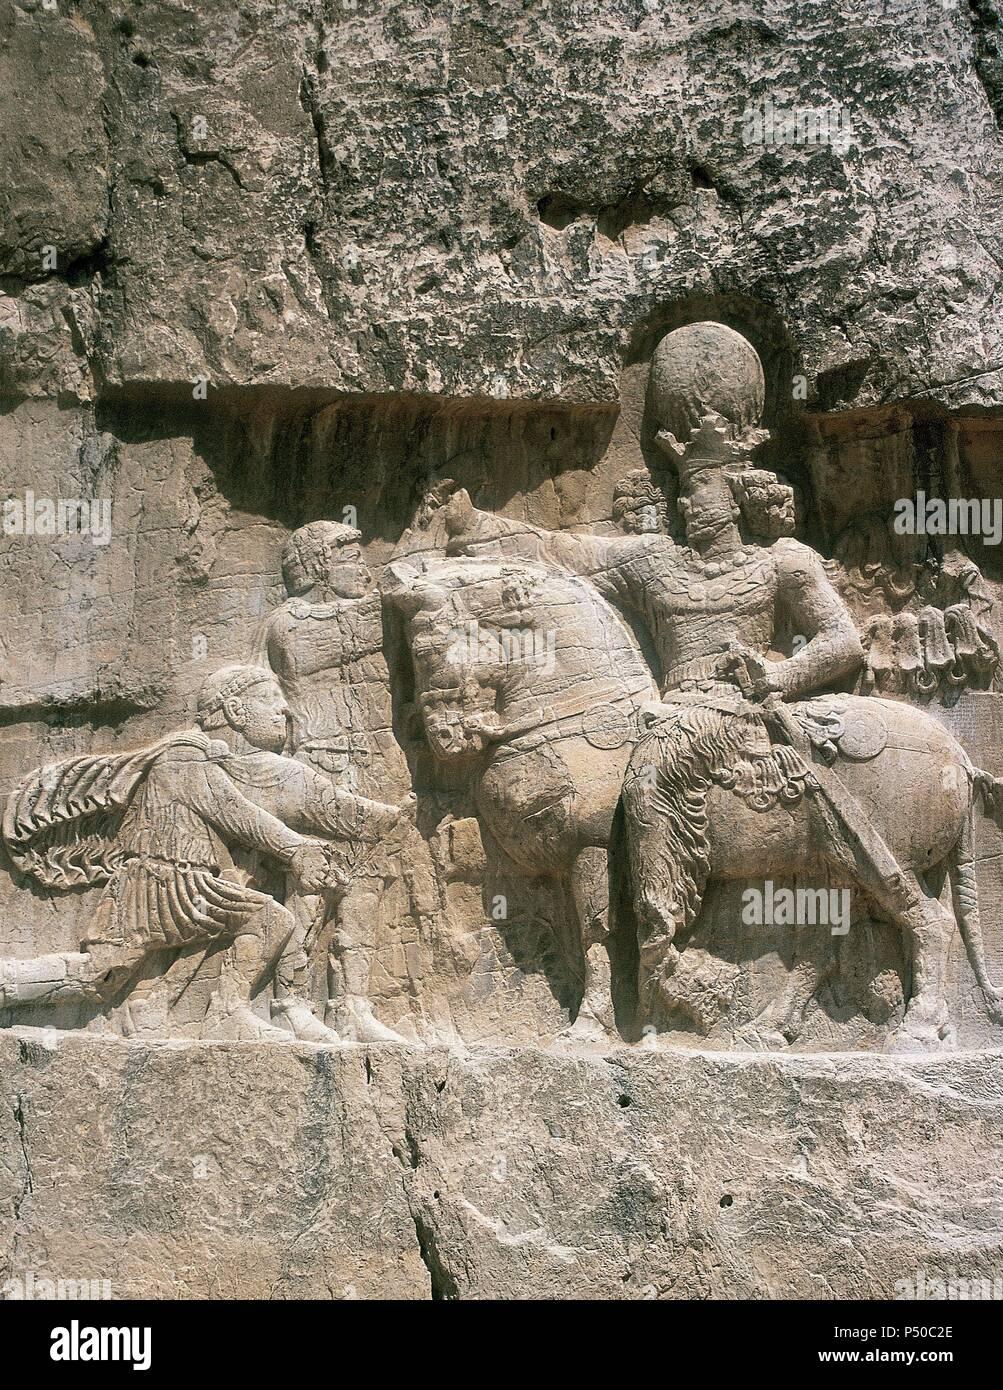 Irán. Naqsh-e Rustam. Necrópolis. Periodo sasánida. El triunfo de Sapor I (241-272) (a caballo). Sapor la victoria sobre los emperadores romanos Valeriano (rodillas) y Filipo el Árabe. Foto de stock